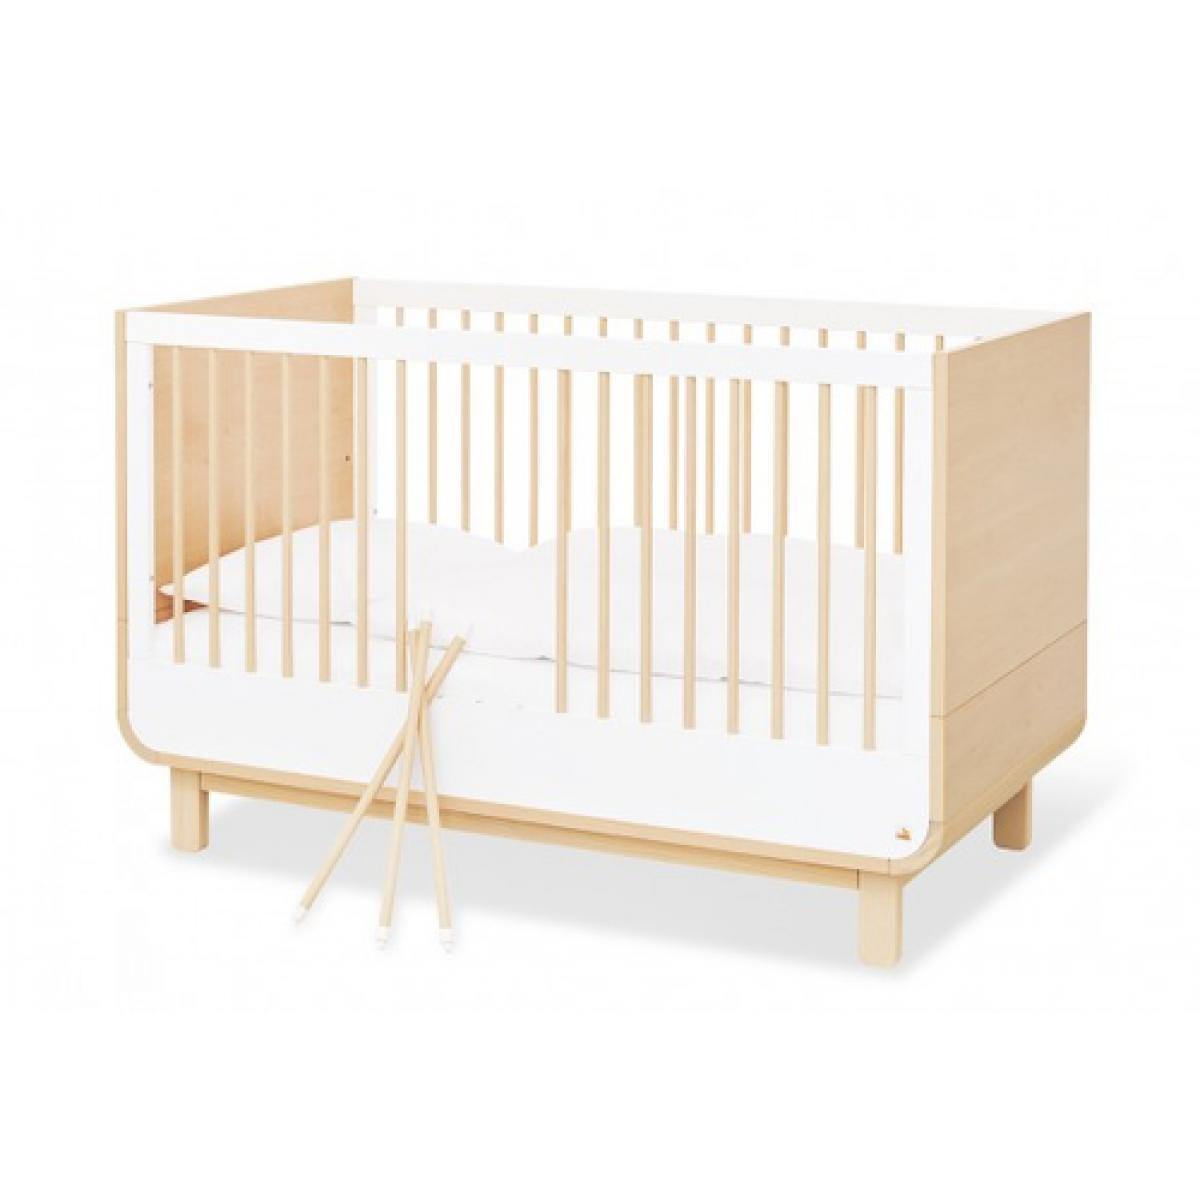 Pinolino Pinolino Ensemble Economique Round large 2 pièces lit de bébé évolutif commode à langer large